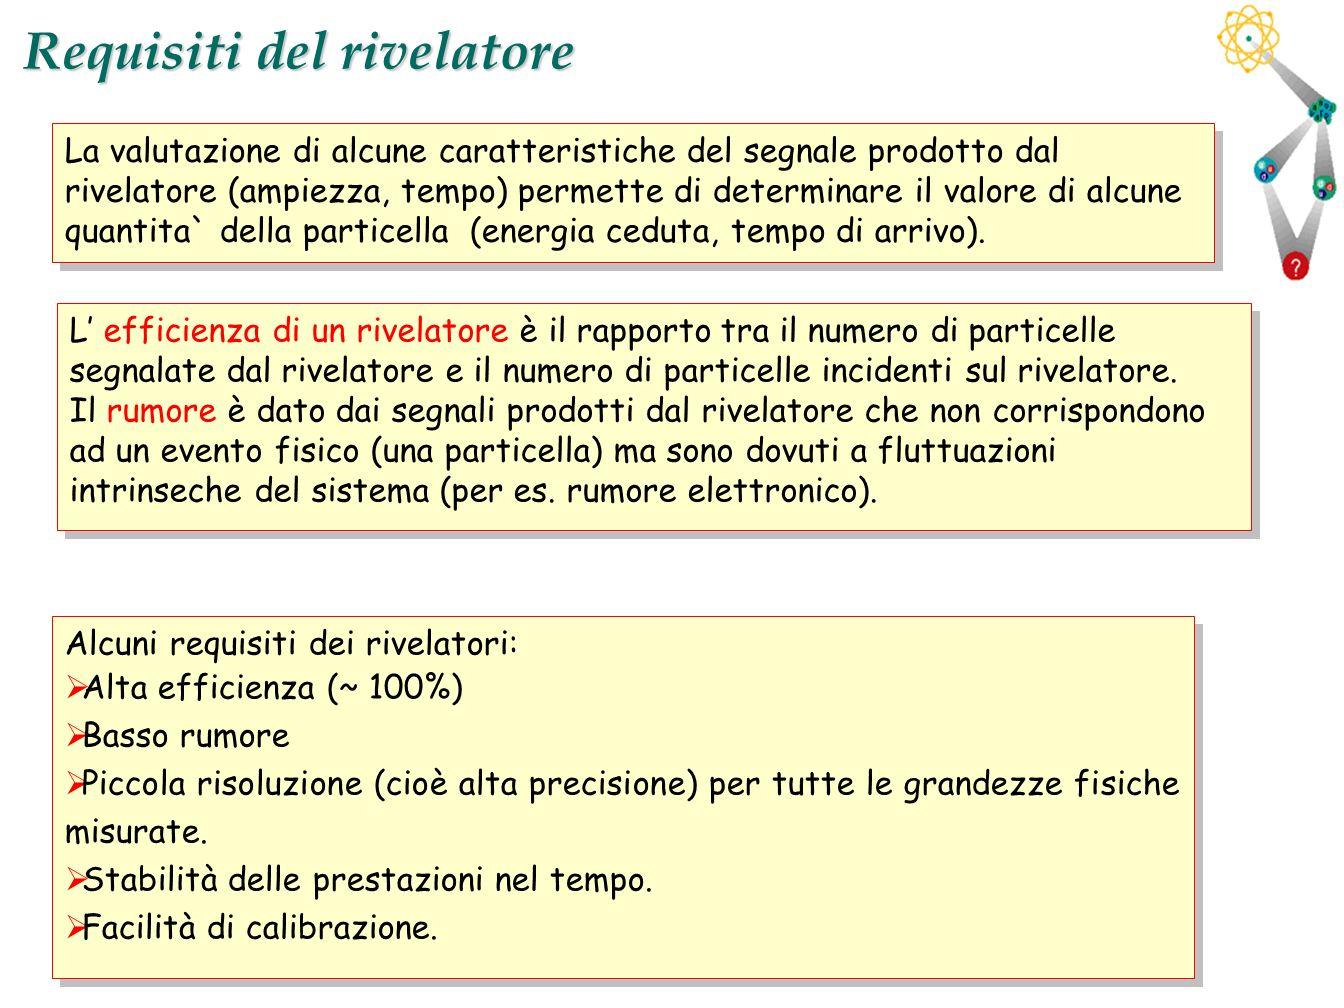 41 Requisiti del rivelatore La valutazione di alcune caratteristiche del segnale prodotto dal rivelatore (ampiezza, tempo) permette di determinare il